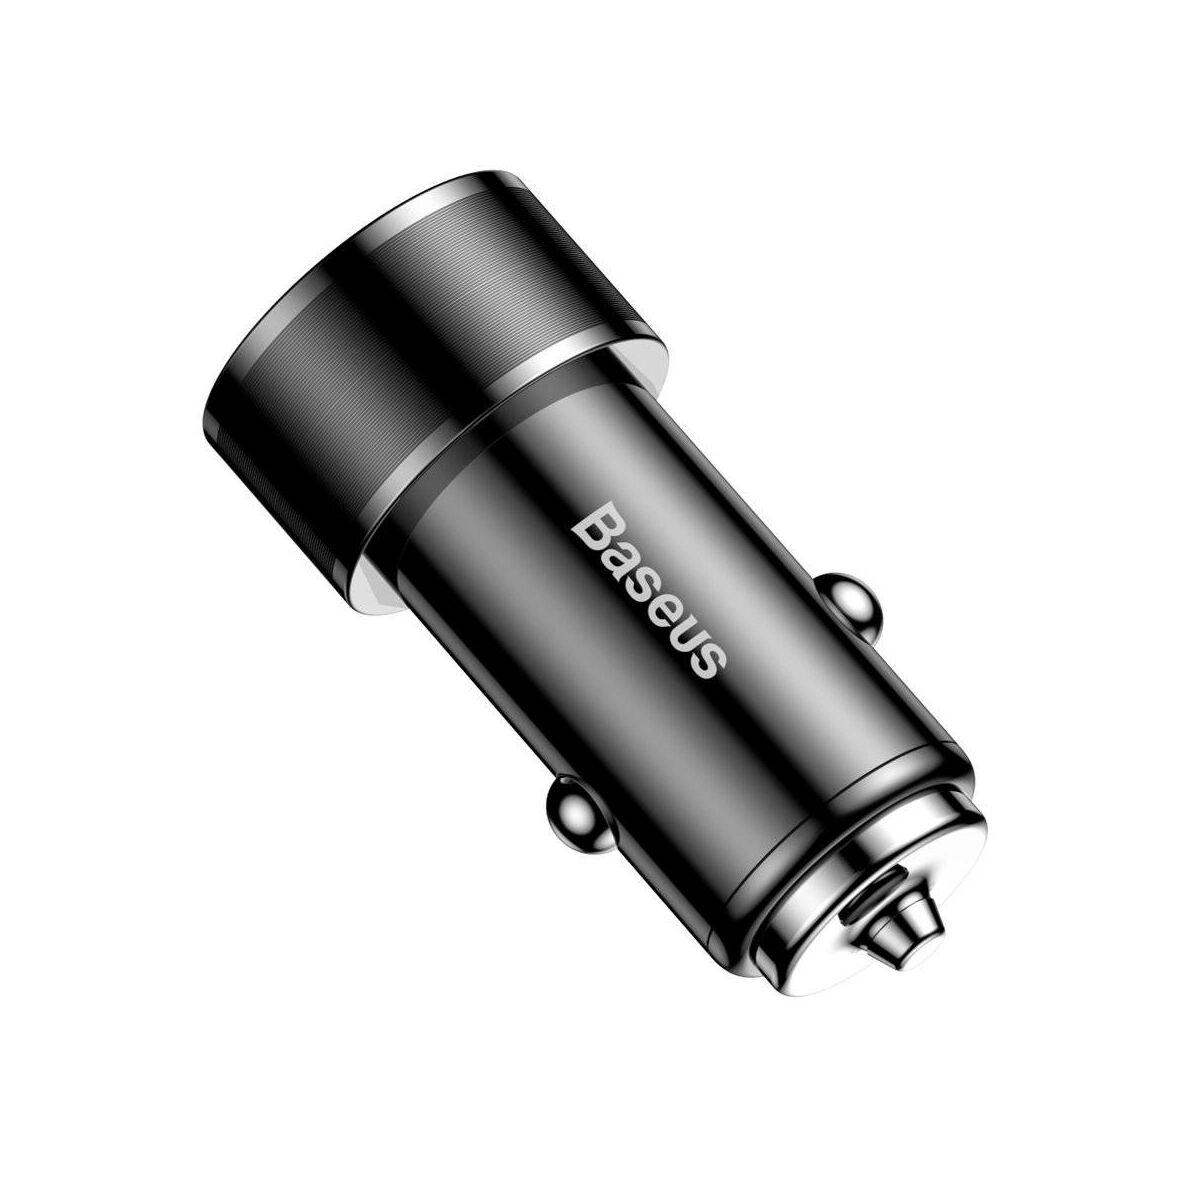 Baseus autós töltő, Small Screw Type-C PD + USB gyors töltés 36W, fekete (CAXLD-A01)